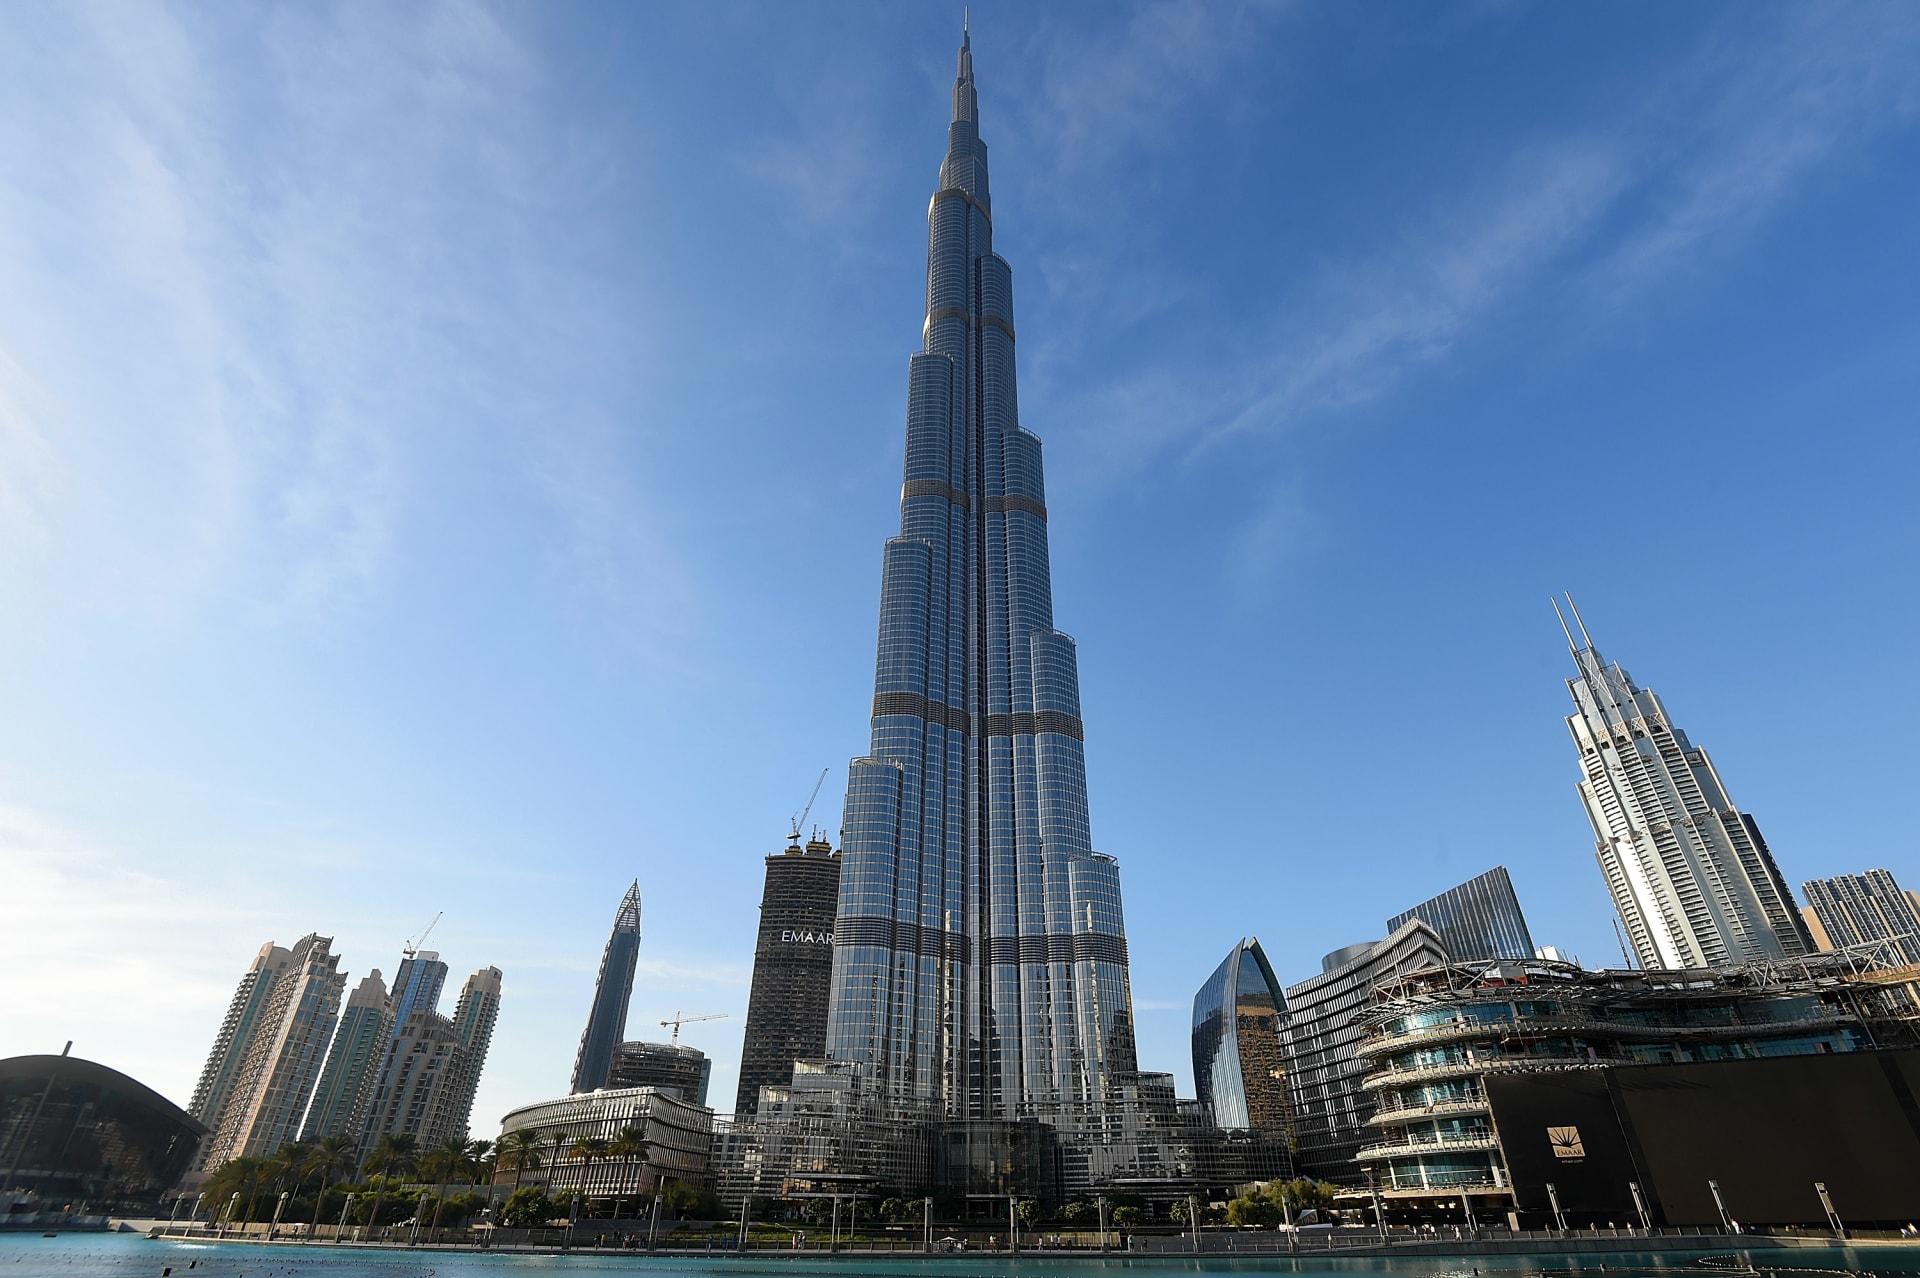 برج خليفة ولوفر أبوظبي من مشاريعها.. شركة أرابتك تلجأ للتصفية